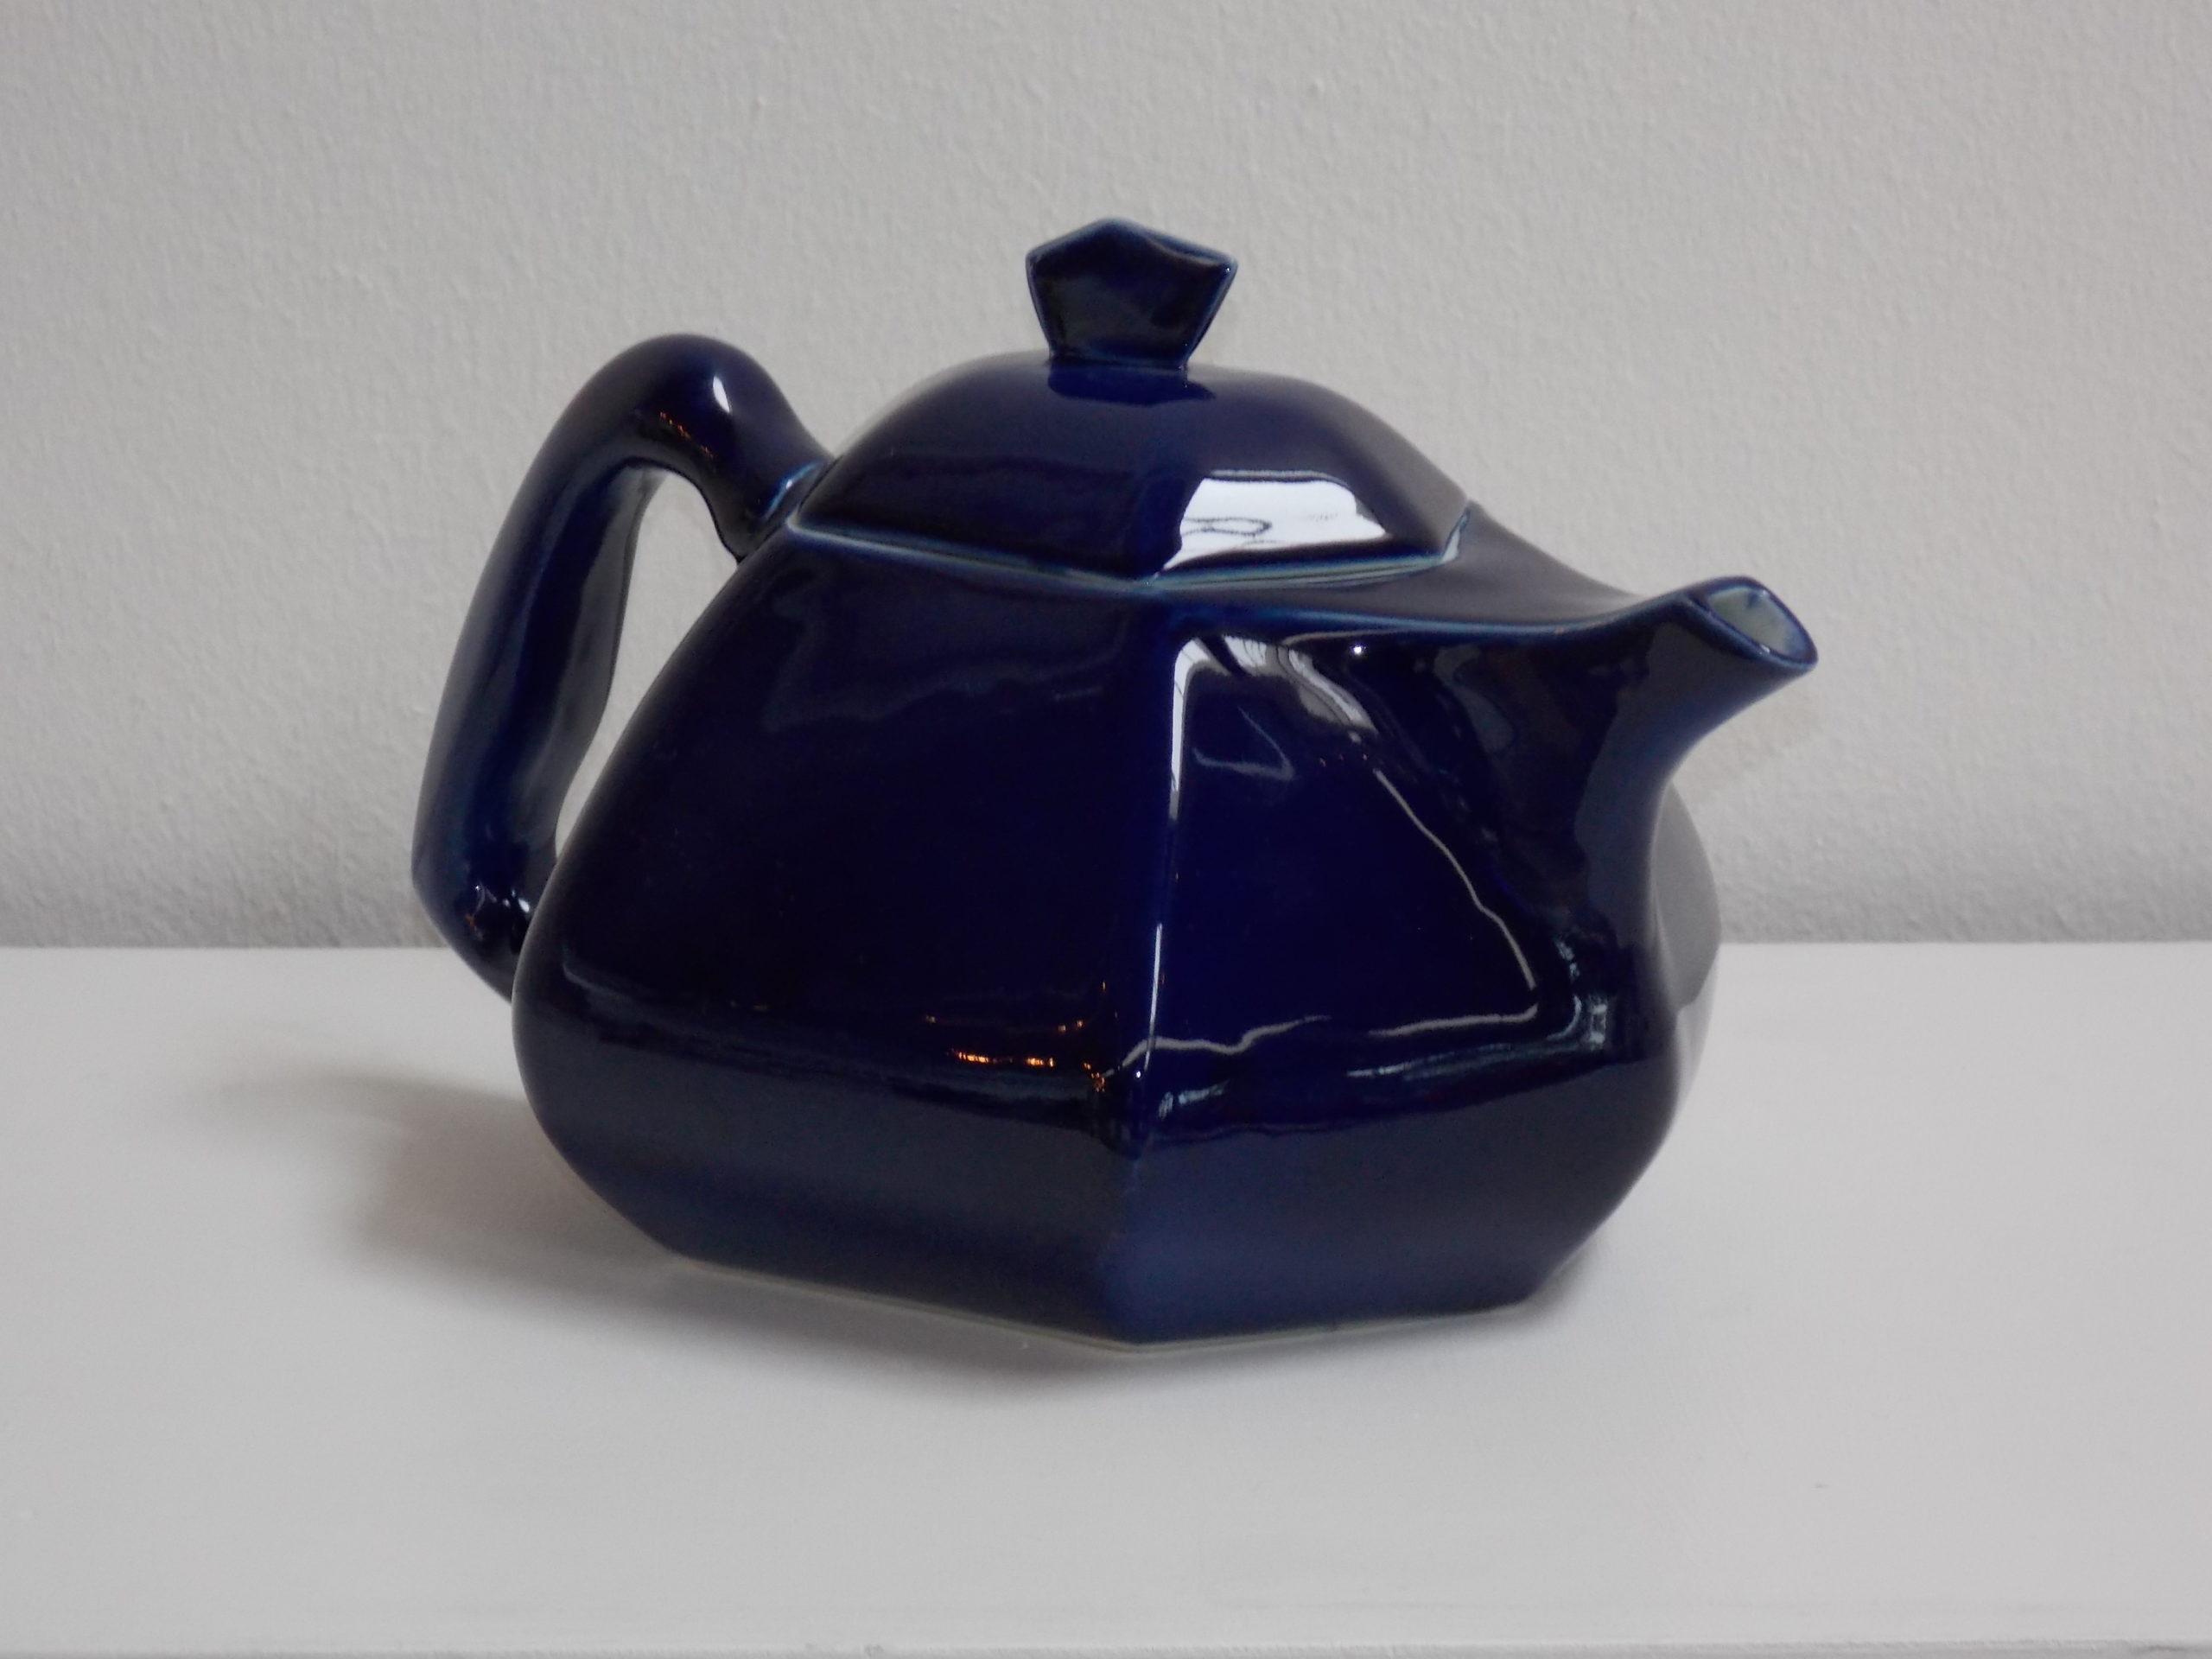 Ce bleu profond nécessite plusieurs couches de bleu cobalt et cuissons pur obtenir cette profondeur. création de Bas van Zuijlen